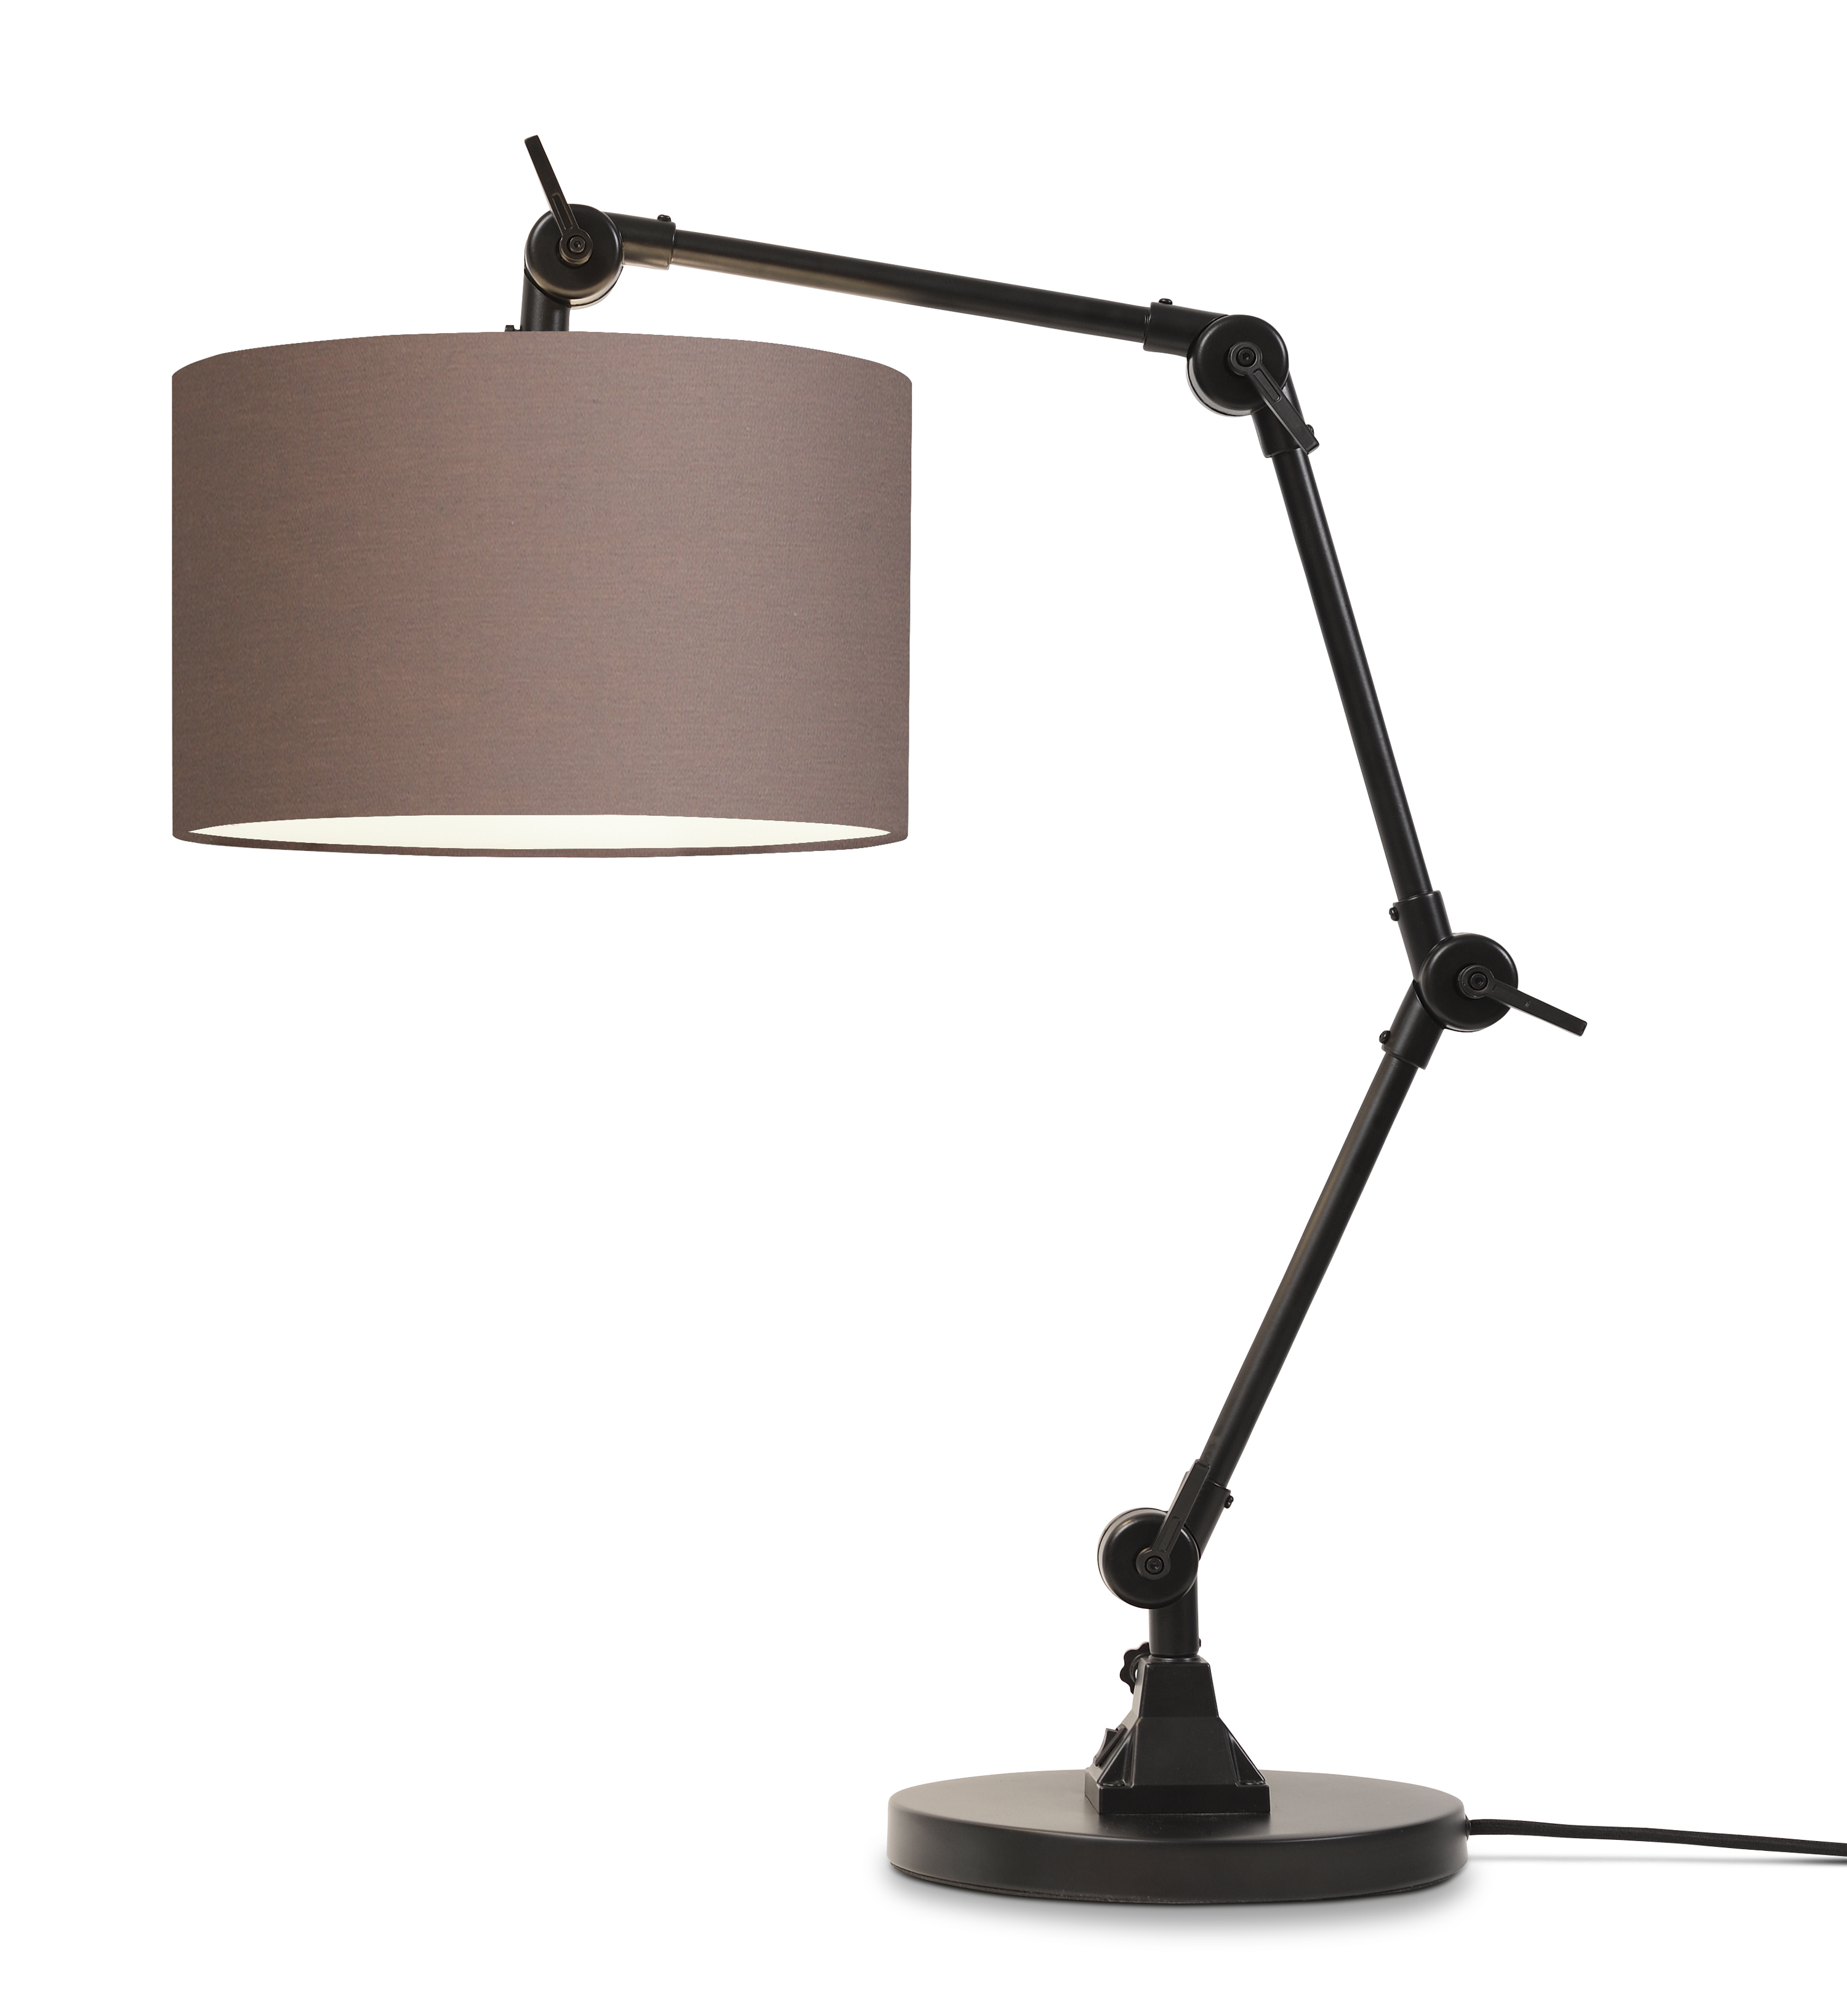 Lampe de table noire flexible et abat-jour H100cm